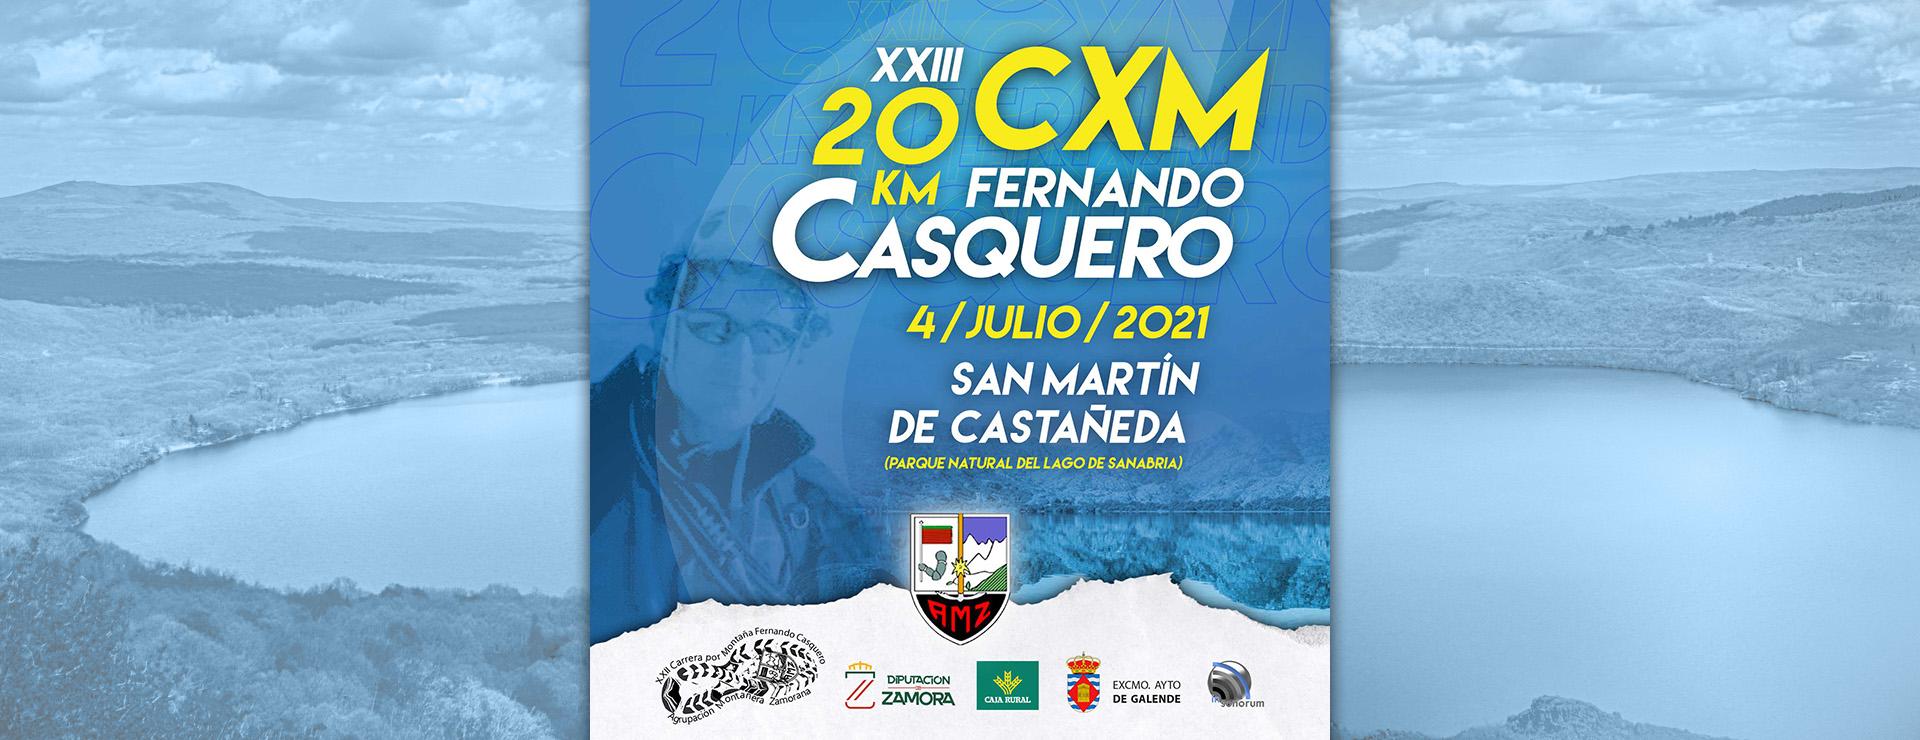 CXM Fernando Casquero